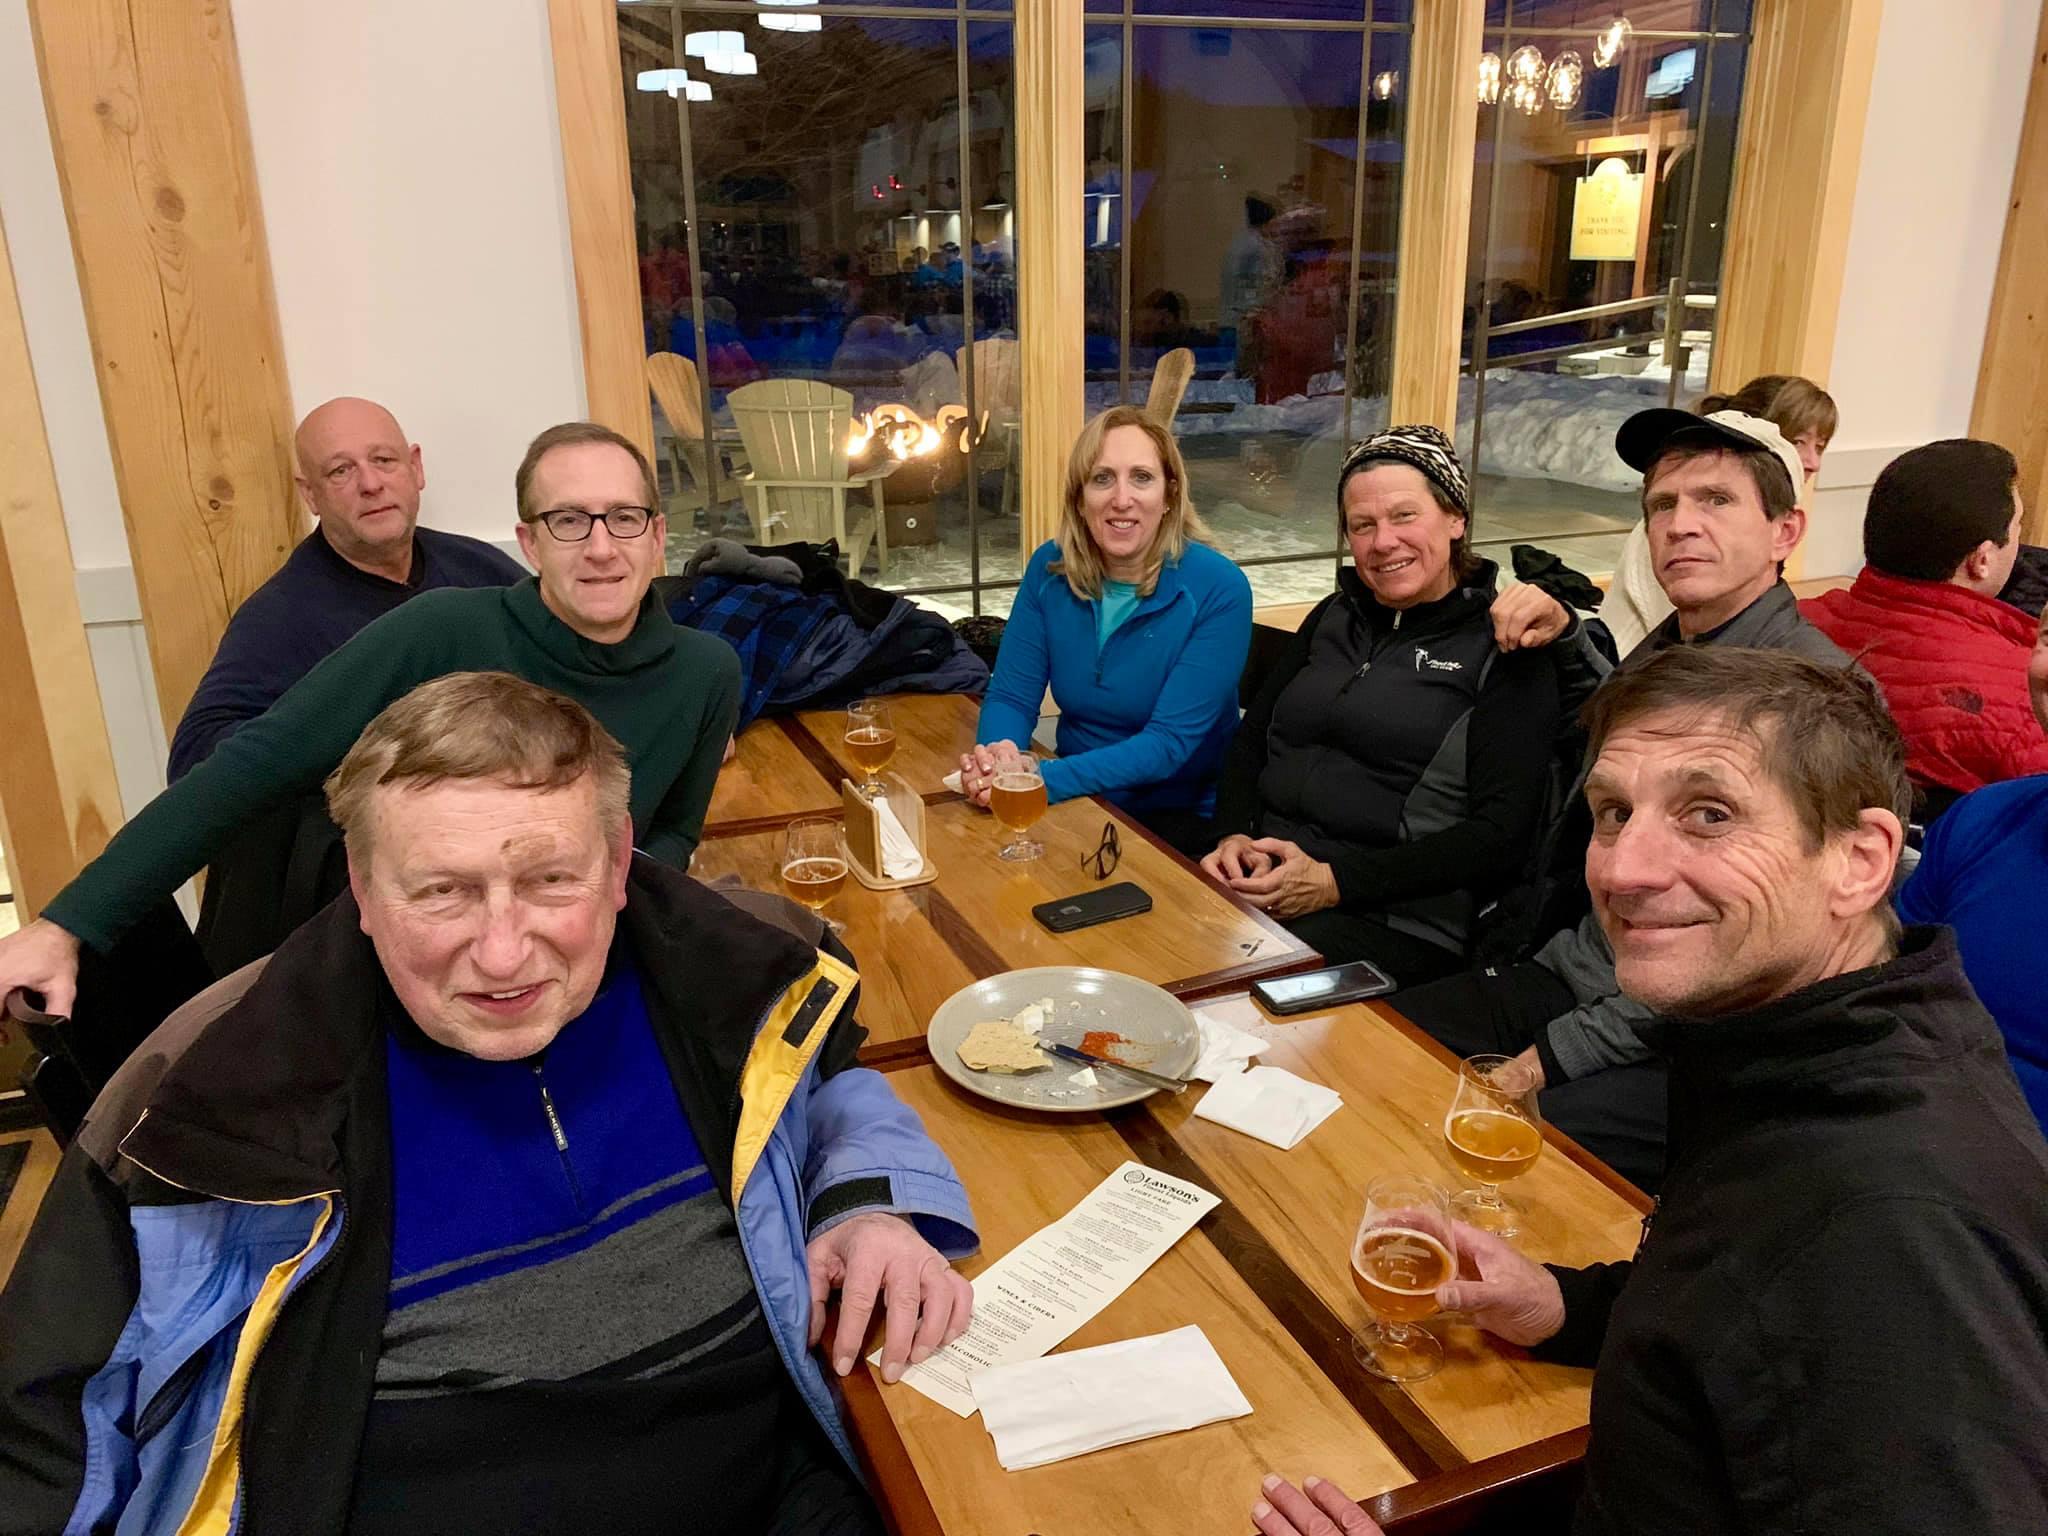 Apres Ski at Lawsons 5